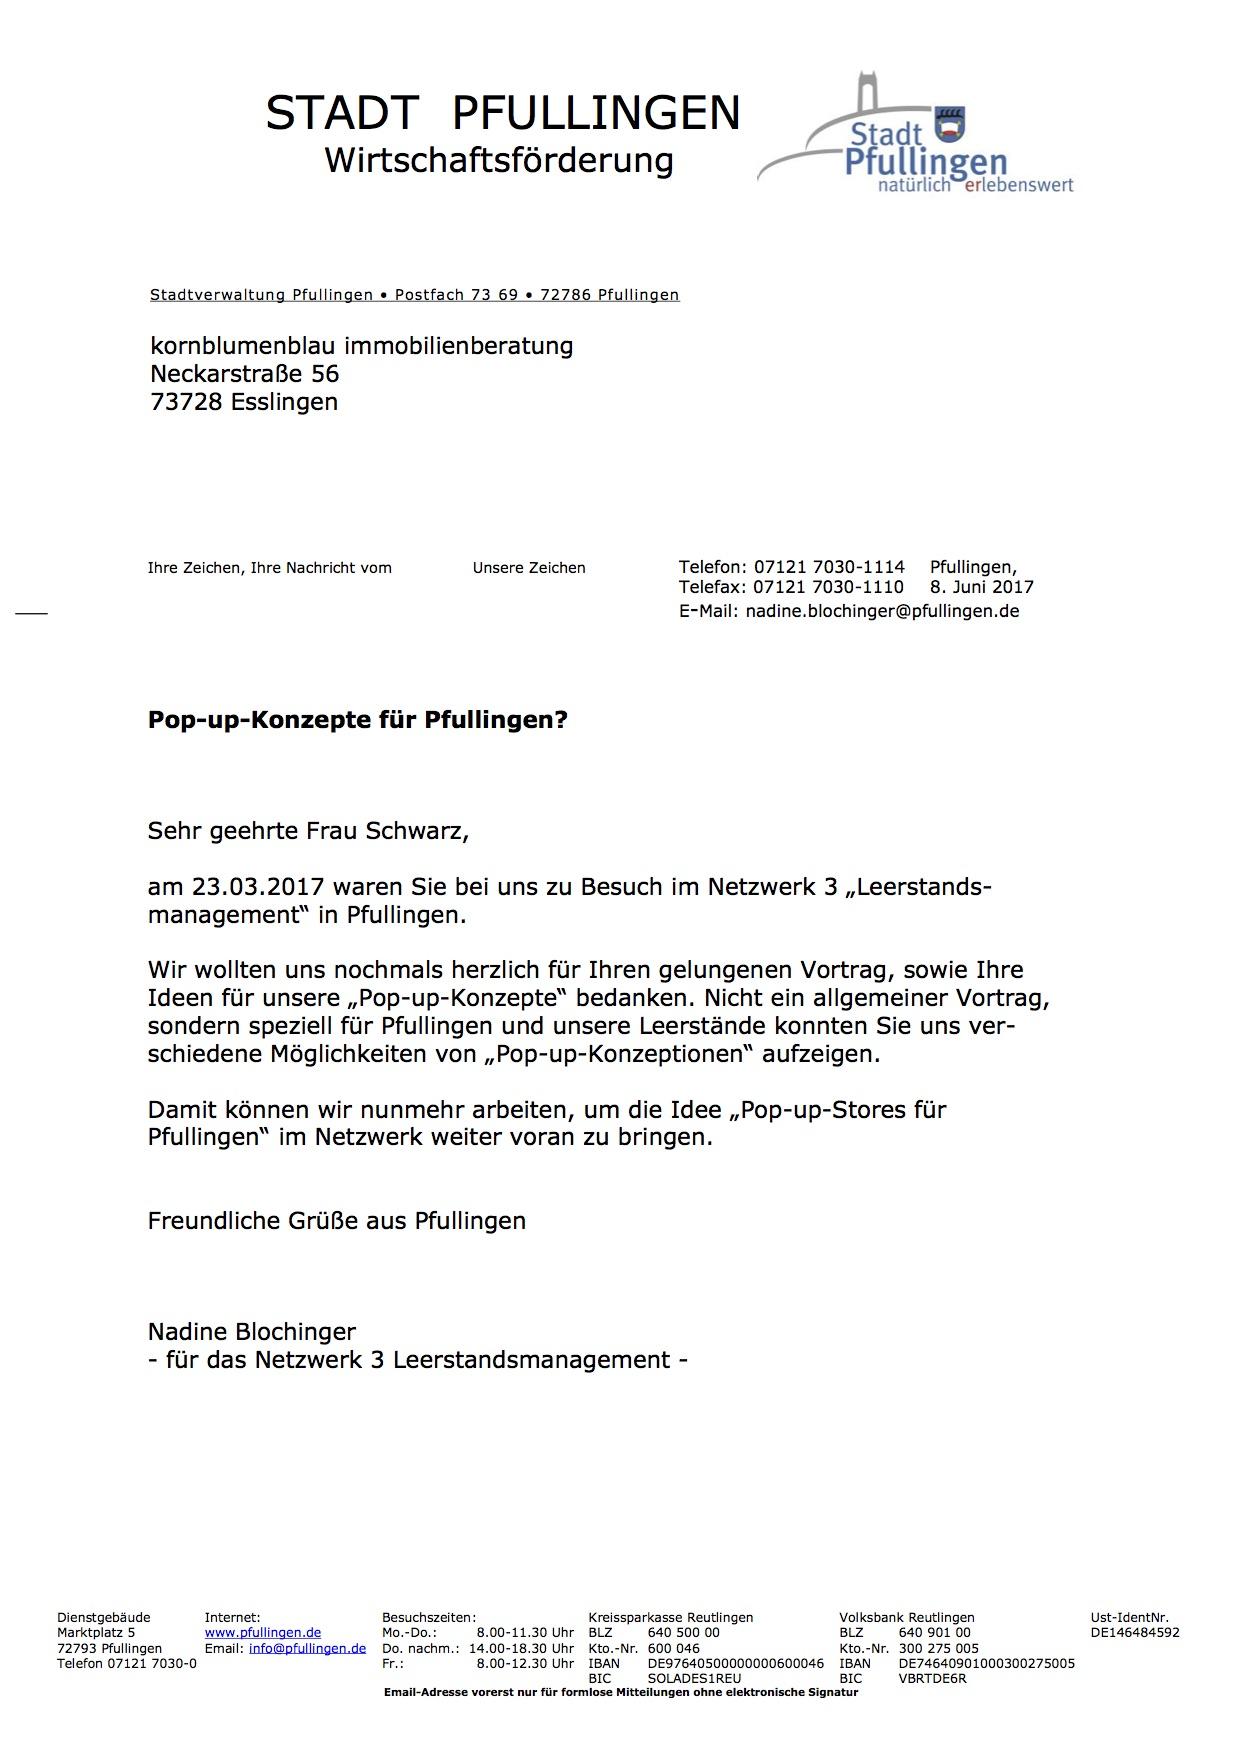 Schreiben an Frau Schwarz von Kornblumenblau vom 08.06.2017